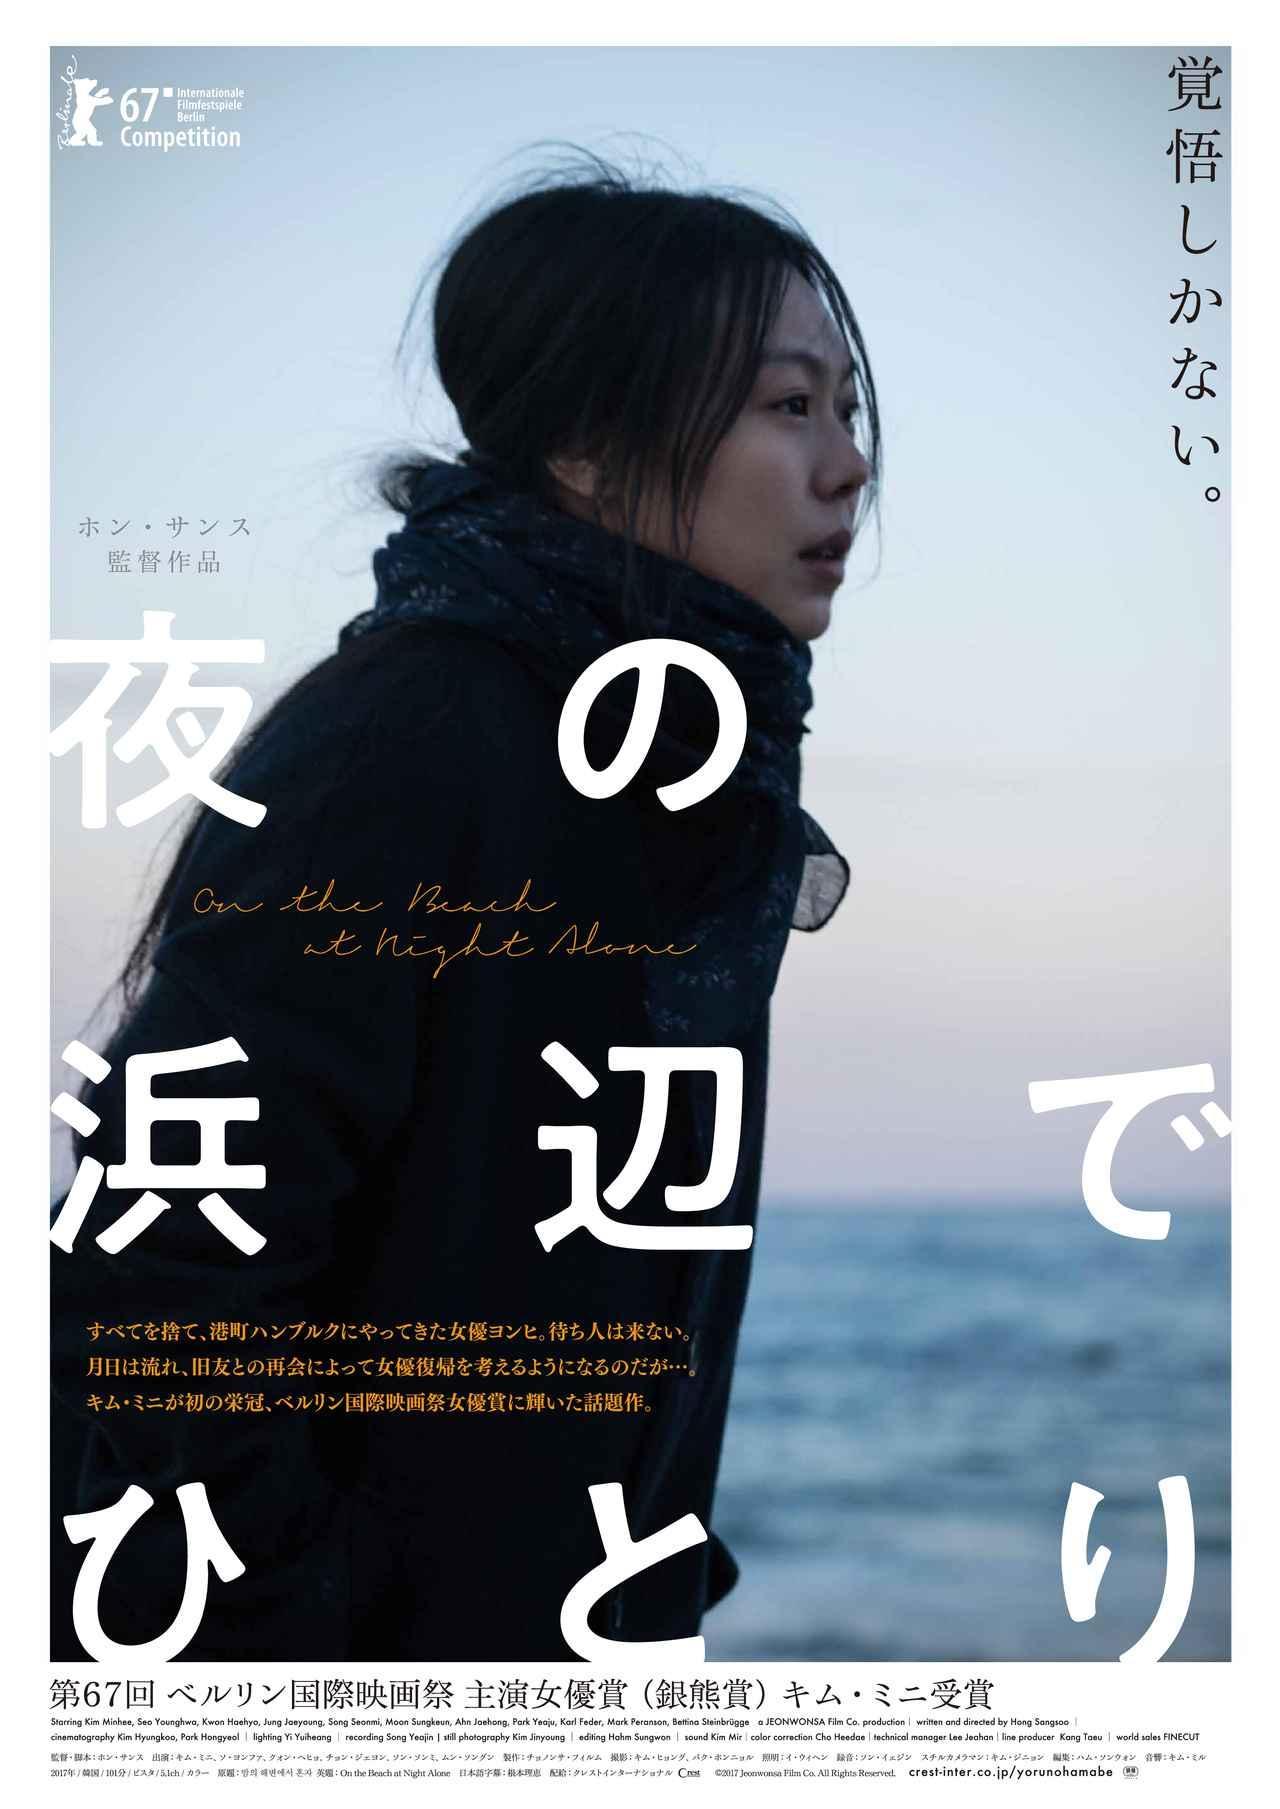 画像2: (c)2017 Jeonwonsa Film Co. All Rights Reserved.